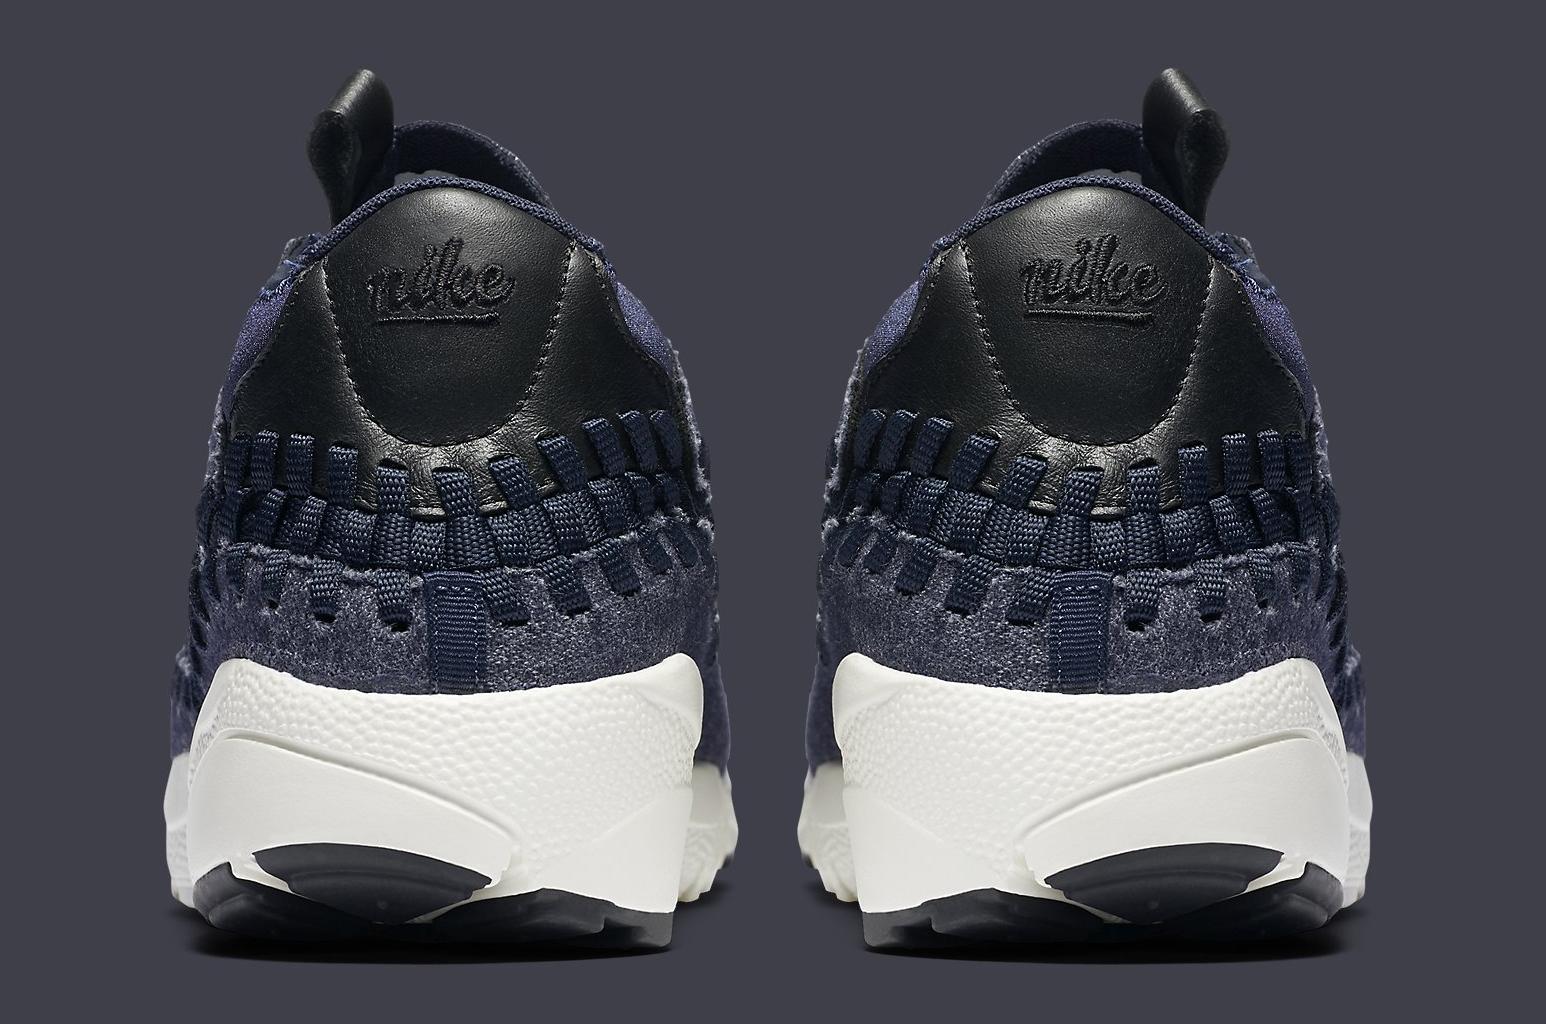 newest 46a08 697a6 Image via Nike Nike Footscape Woven Chukka Denim 857874-400 Heel